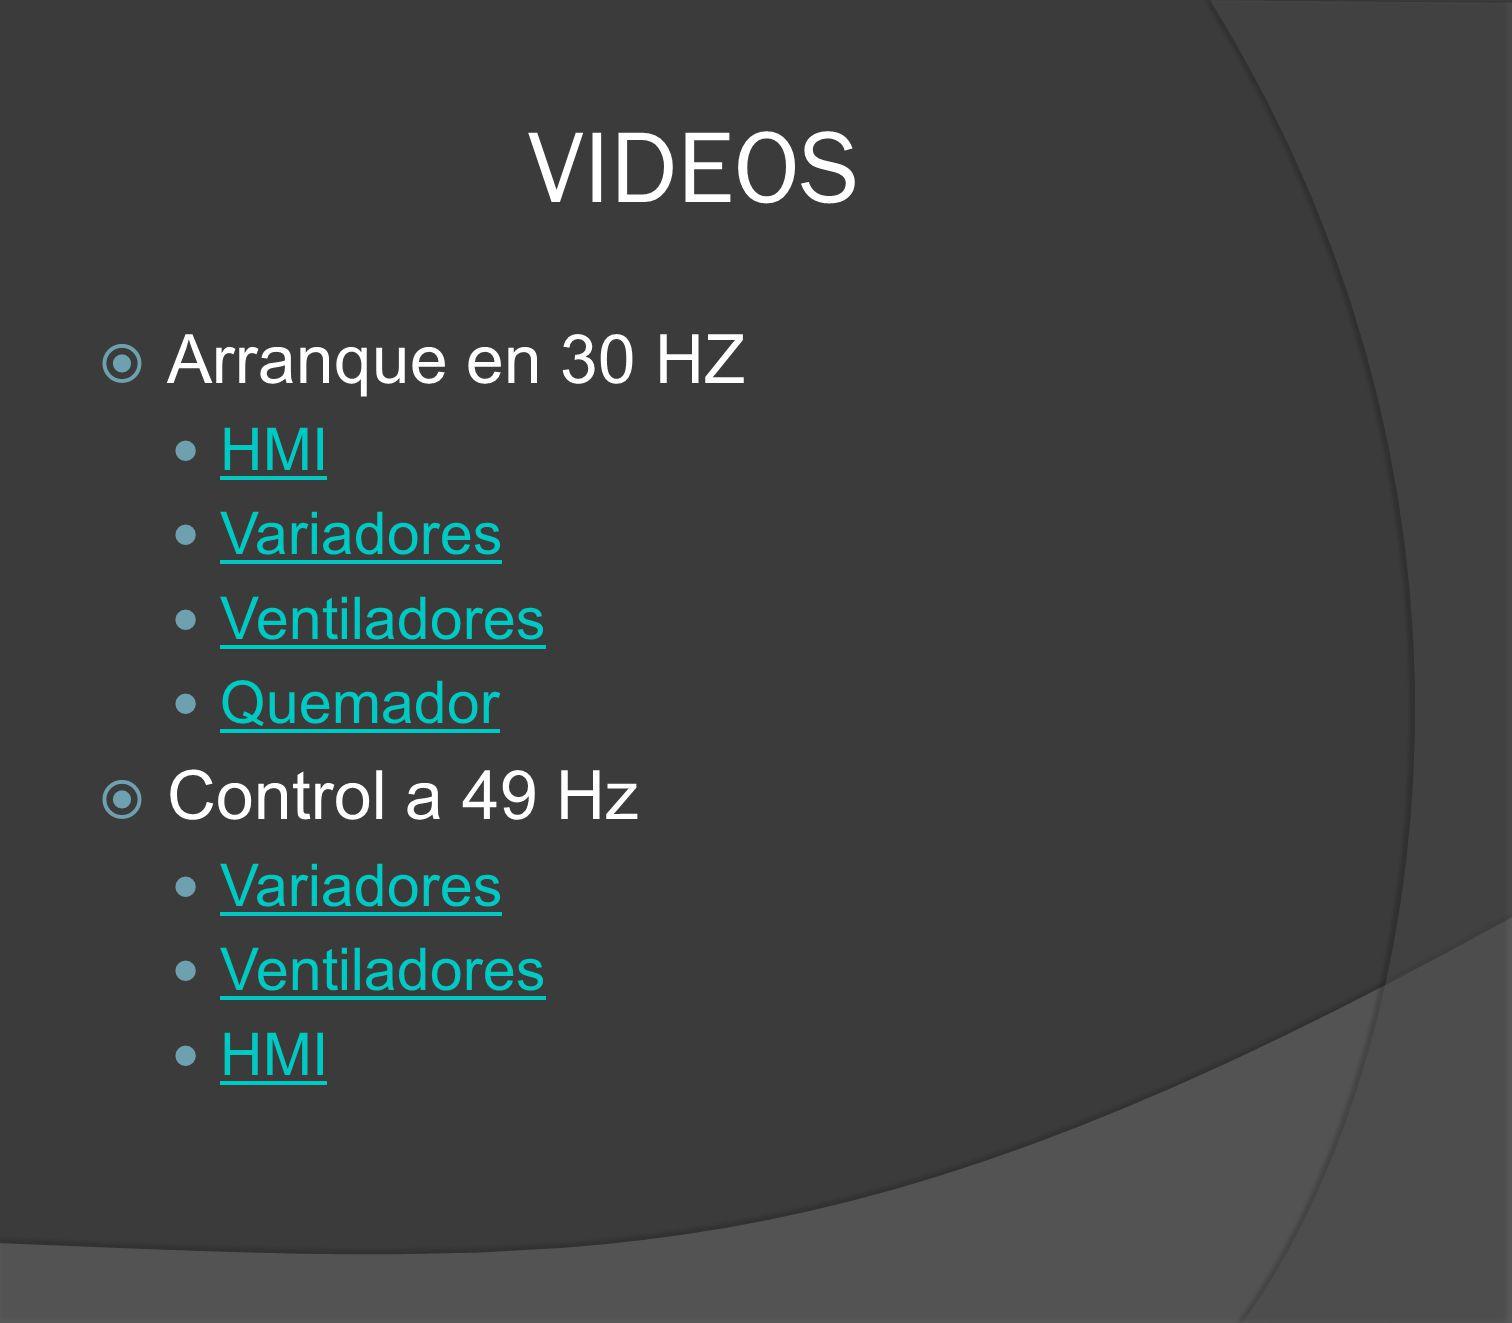 VIDEOS Arranque en 30 HZ HMI Variadores Ventiladores Quemador Control a 49 Hz Variadores Ventiladores HMI